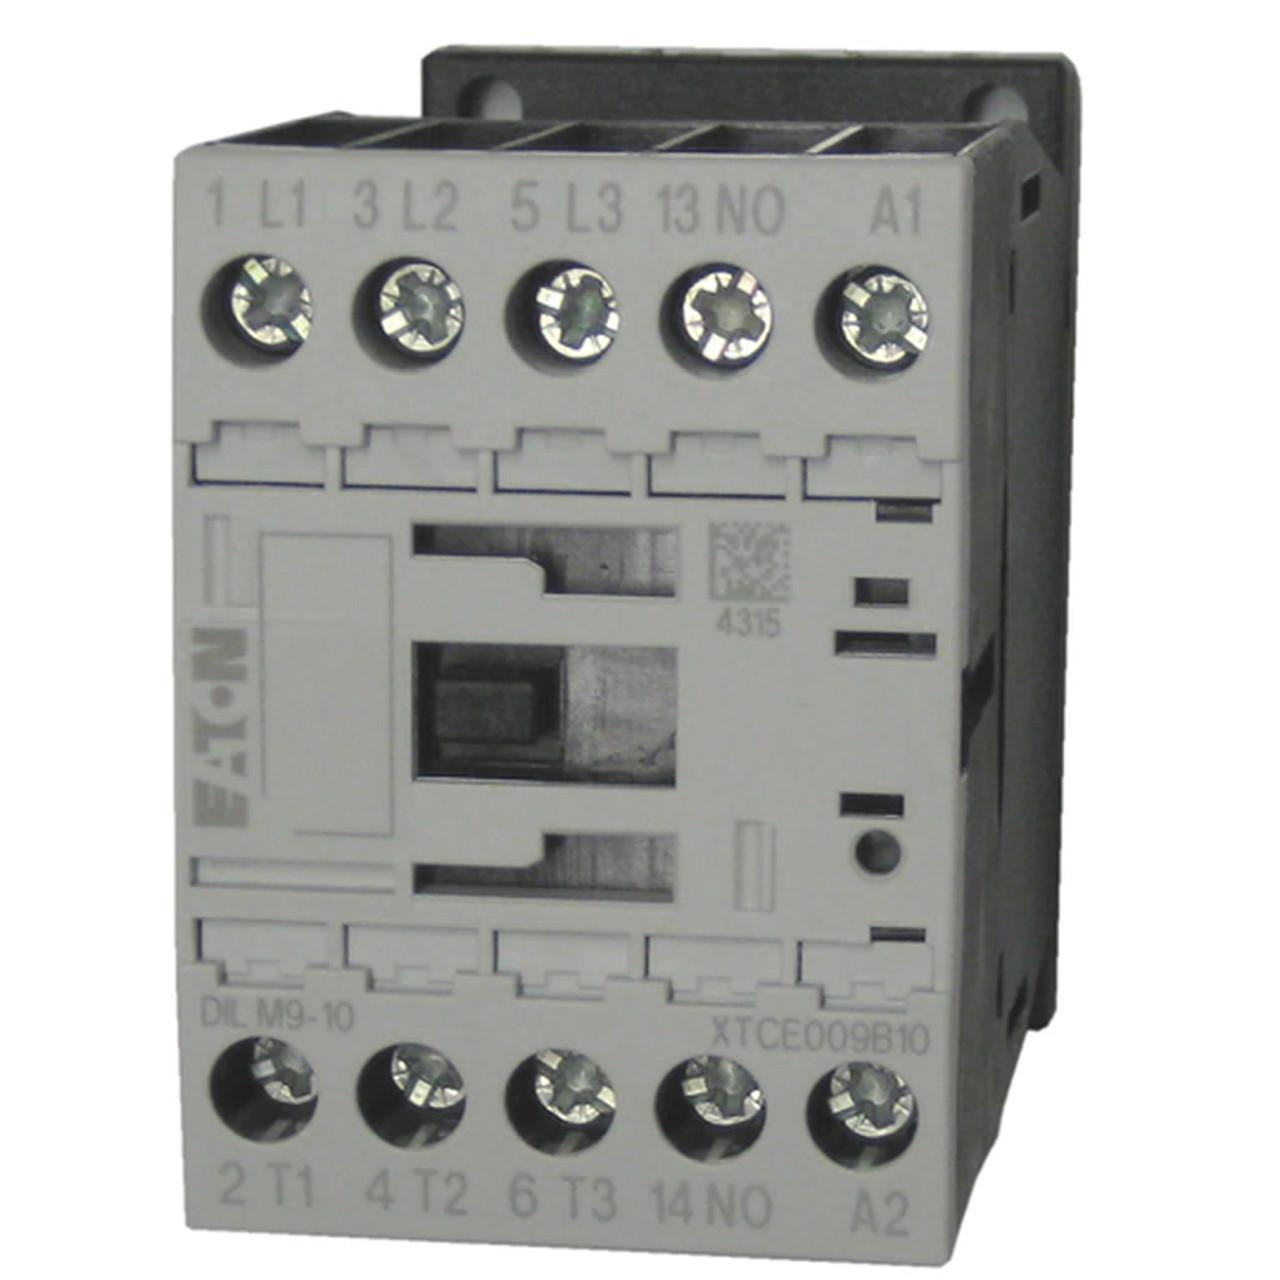 Eaton XTCE009B10P contactor